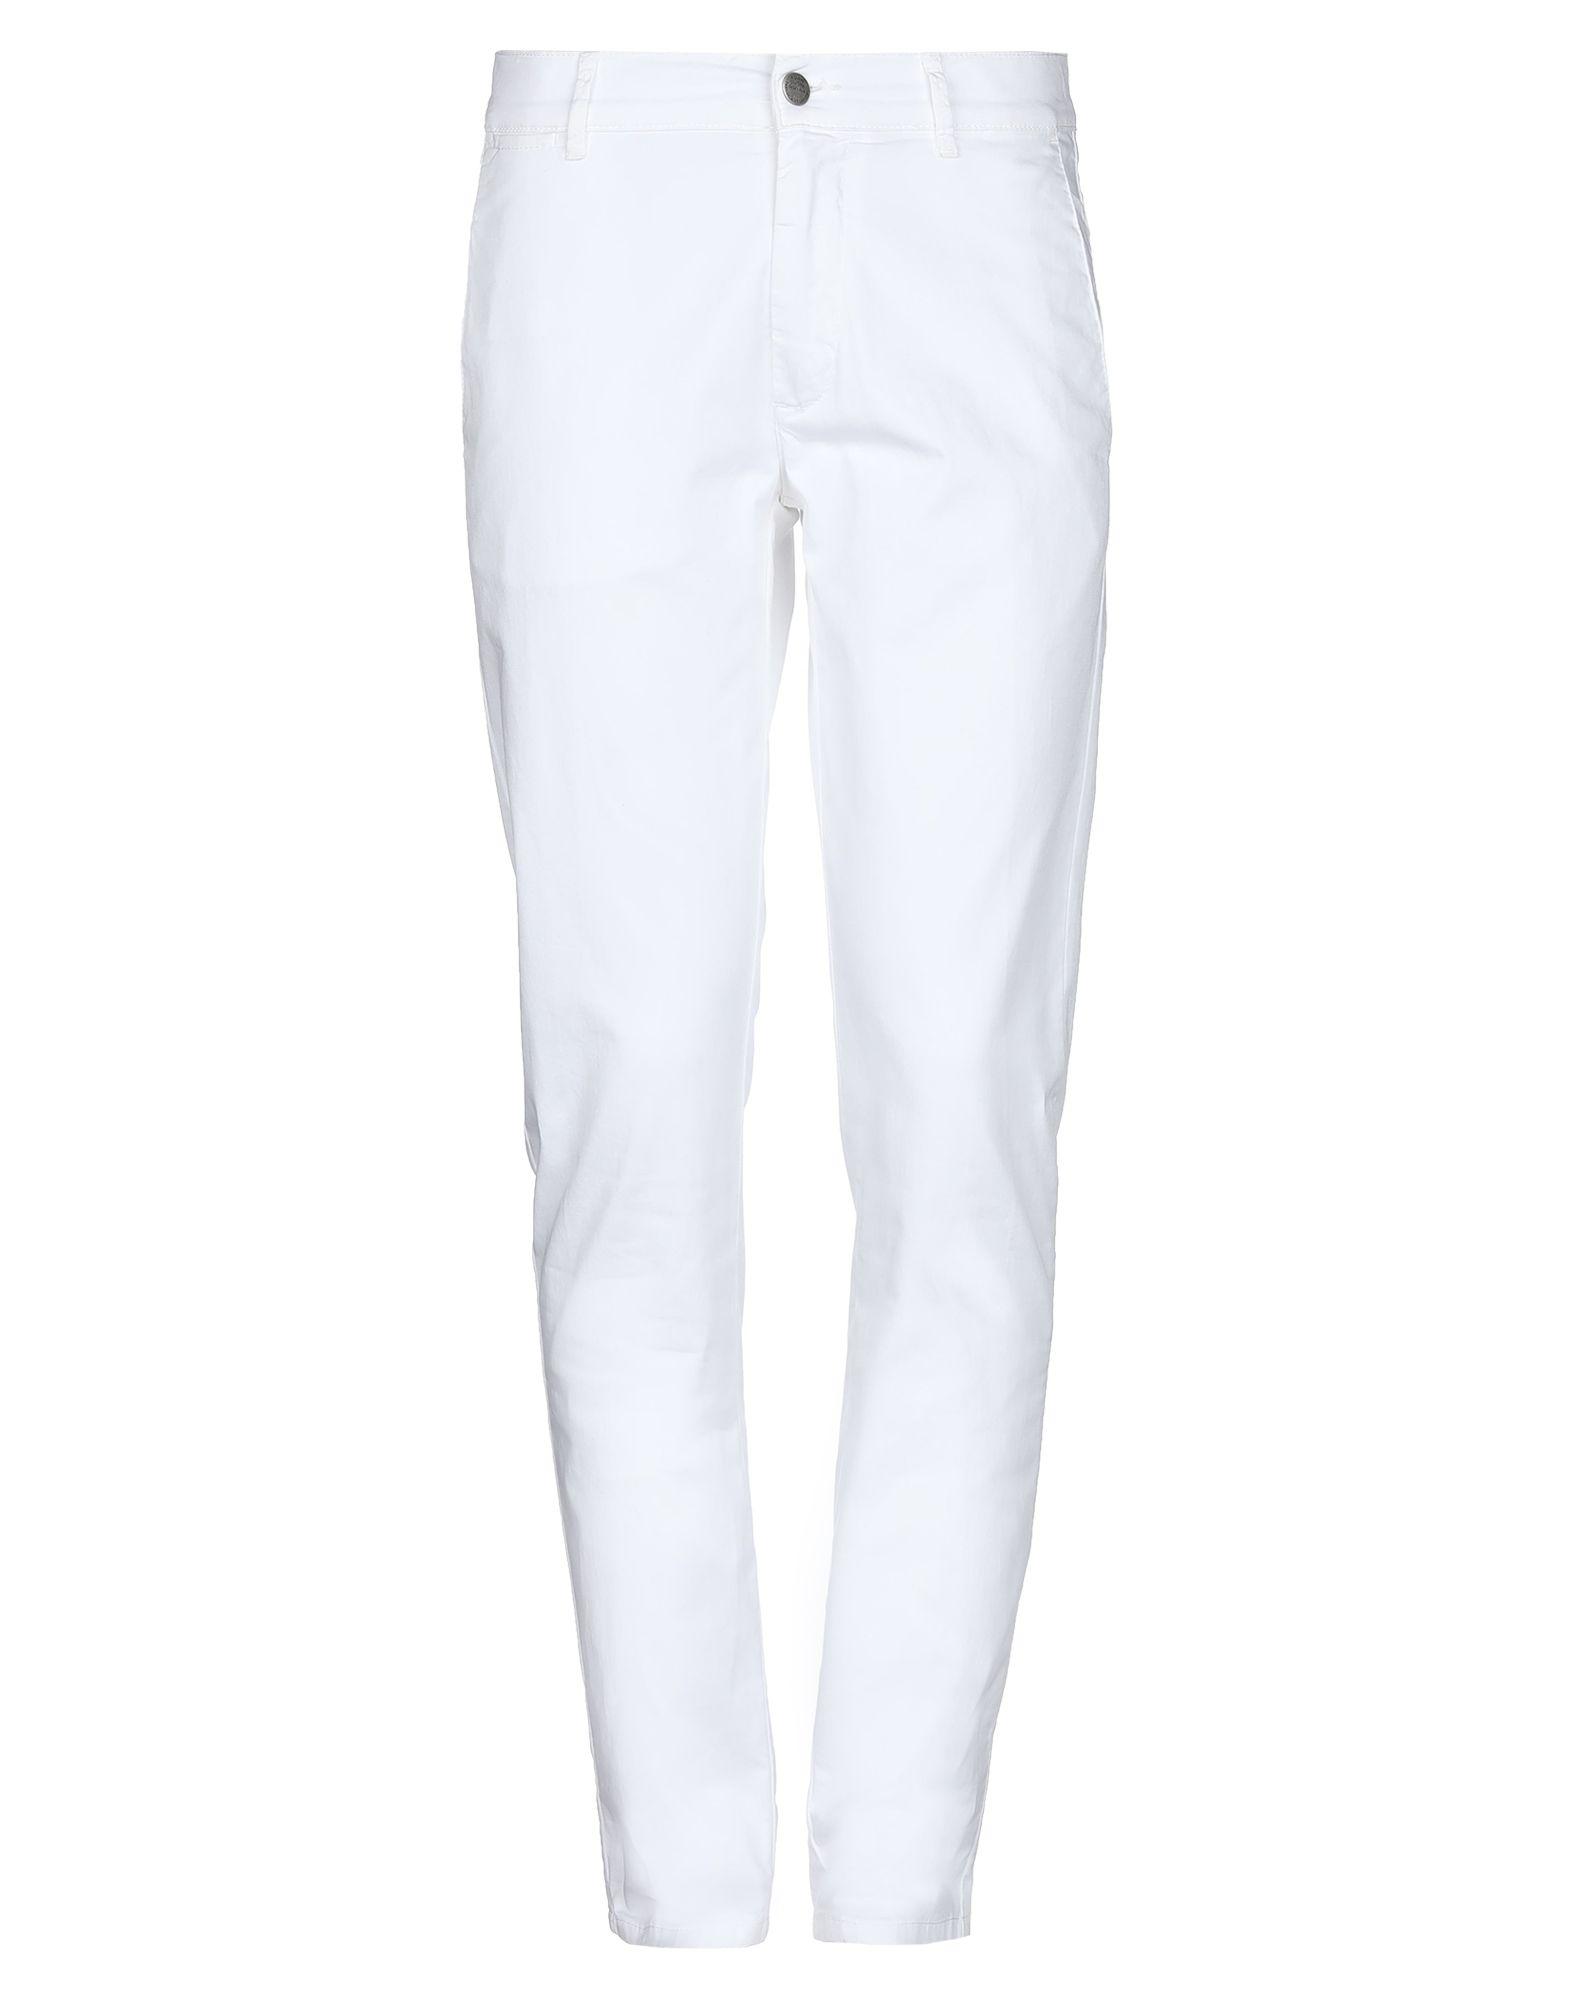 《セール開催中》DANIELE ALESSANDRINI HOMME メンズ パンツ ホワイト 32 コットン 97% / ポリウレタン 3%